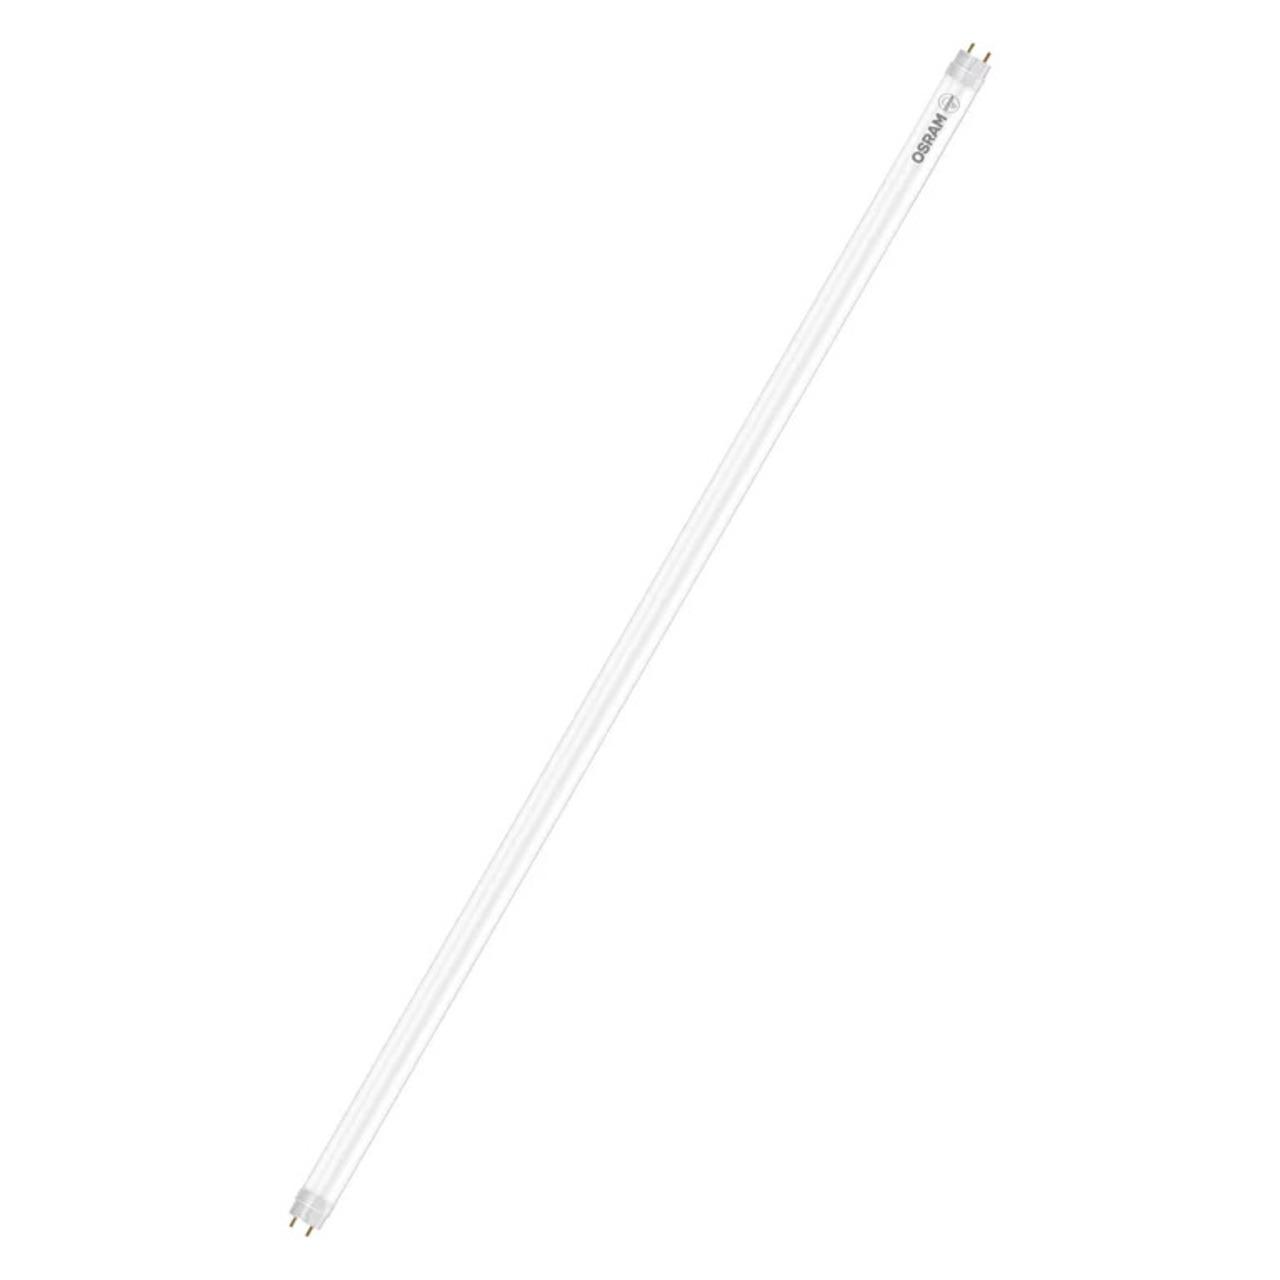 OSRAM SubstiTUBE Star 19-1-W-T8-LED-Röhrenlampe 150 cm- warmweiss